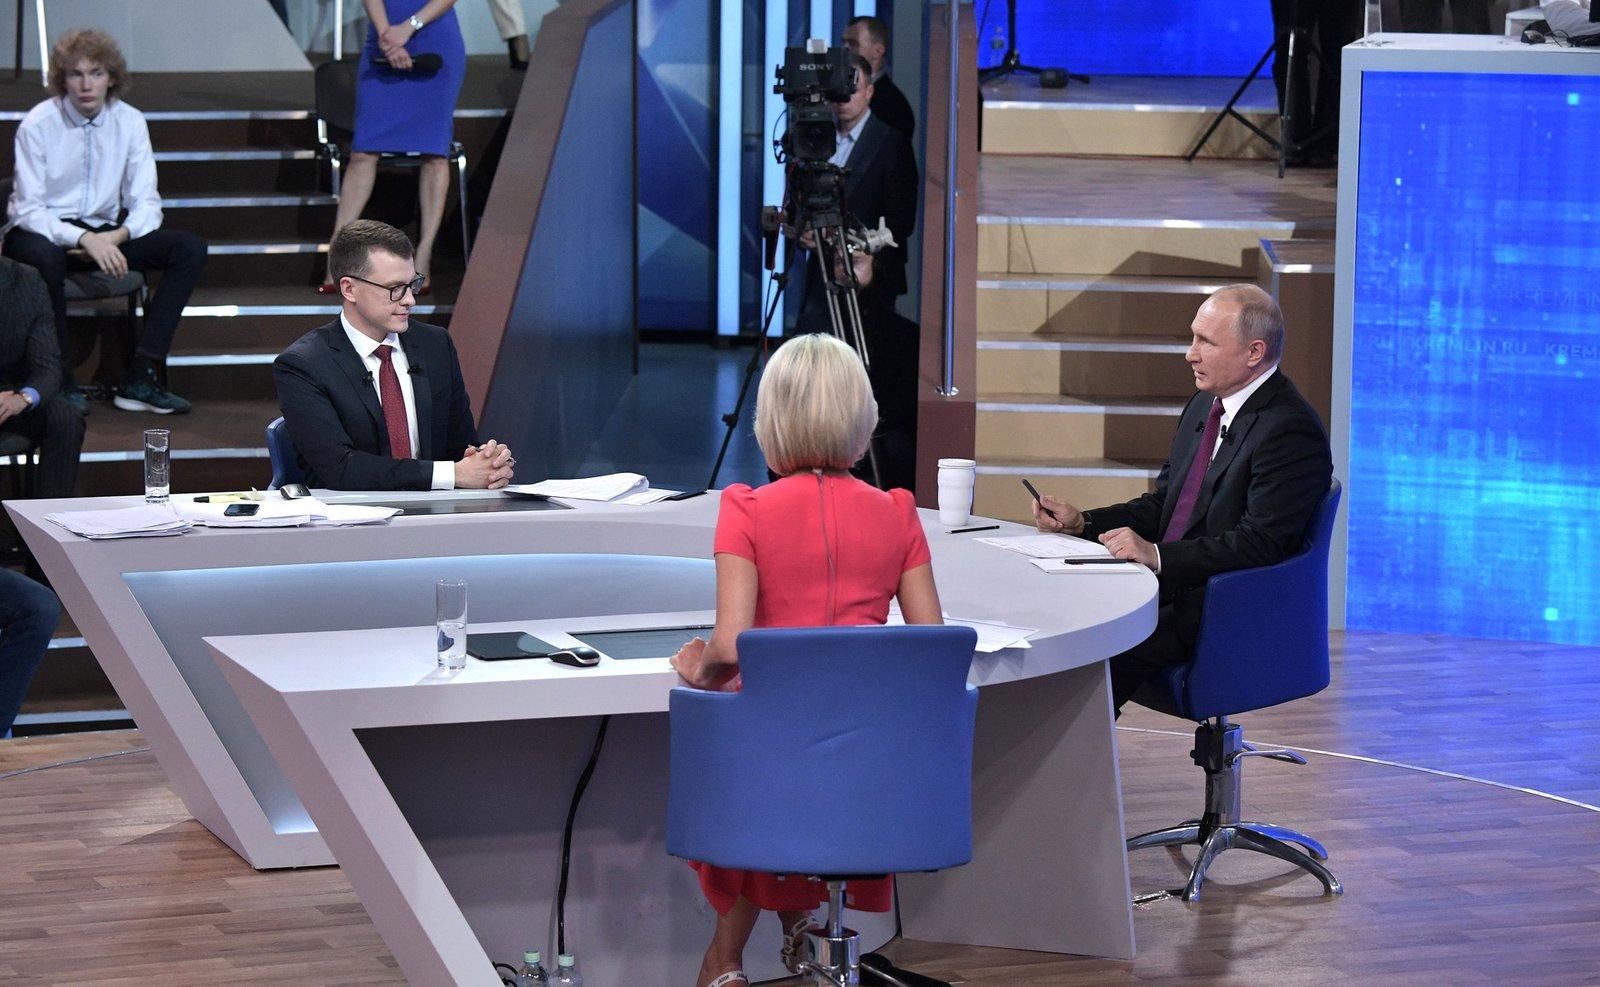 Андрей Воробьев губернатор московской области - Экология, дороги и зарплаты: как прошла «Прямая линия» с Президентом